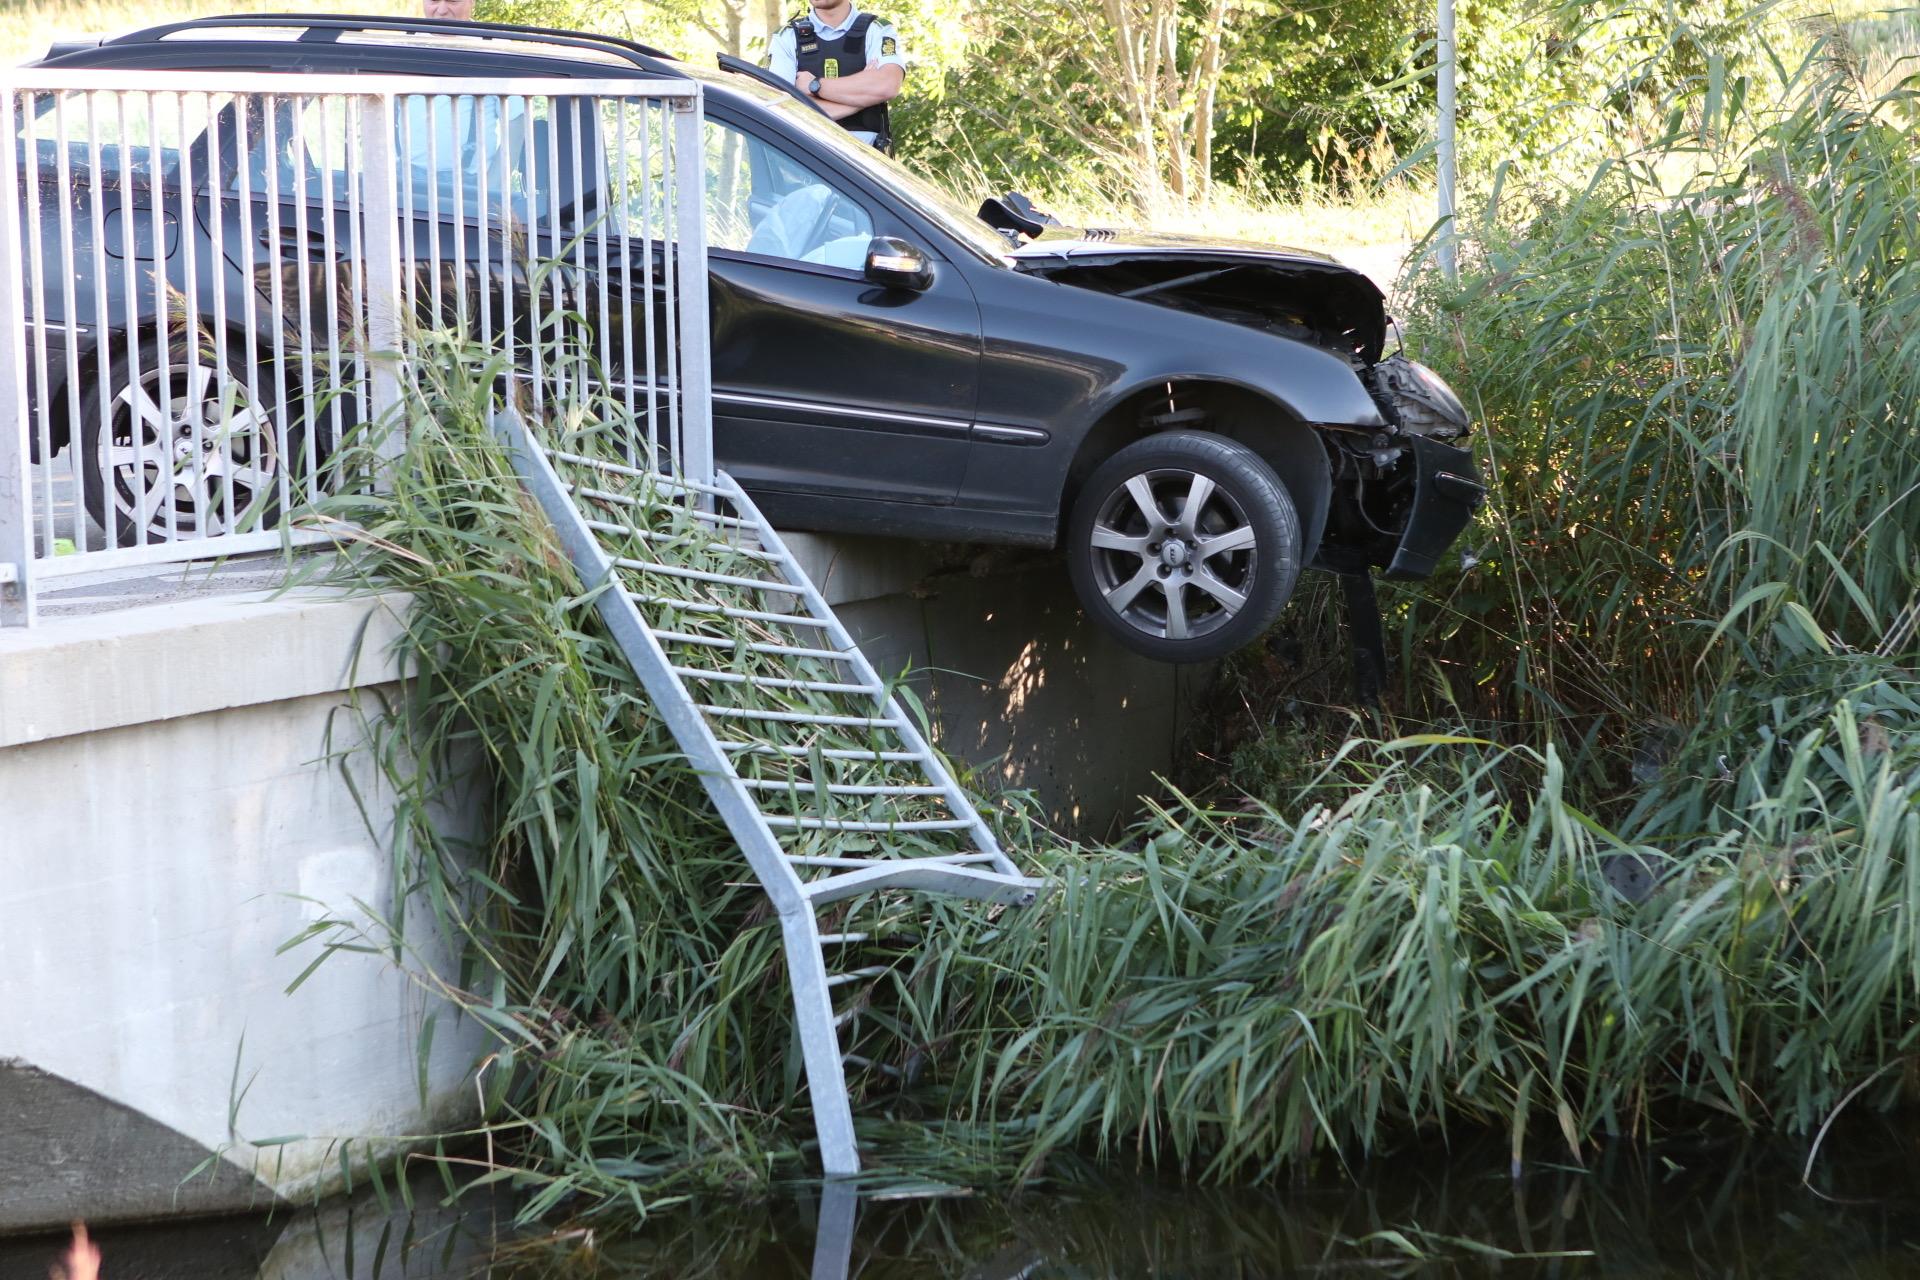 Bil hænger ud over bro - mistede herredømmet over bil